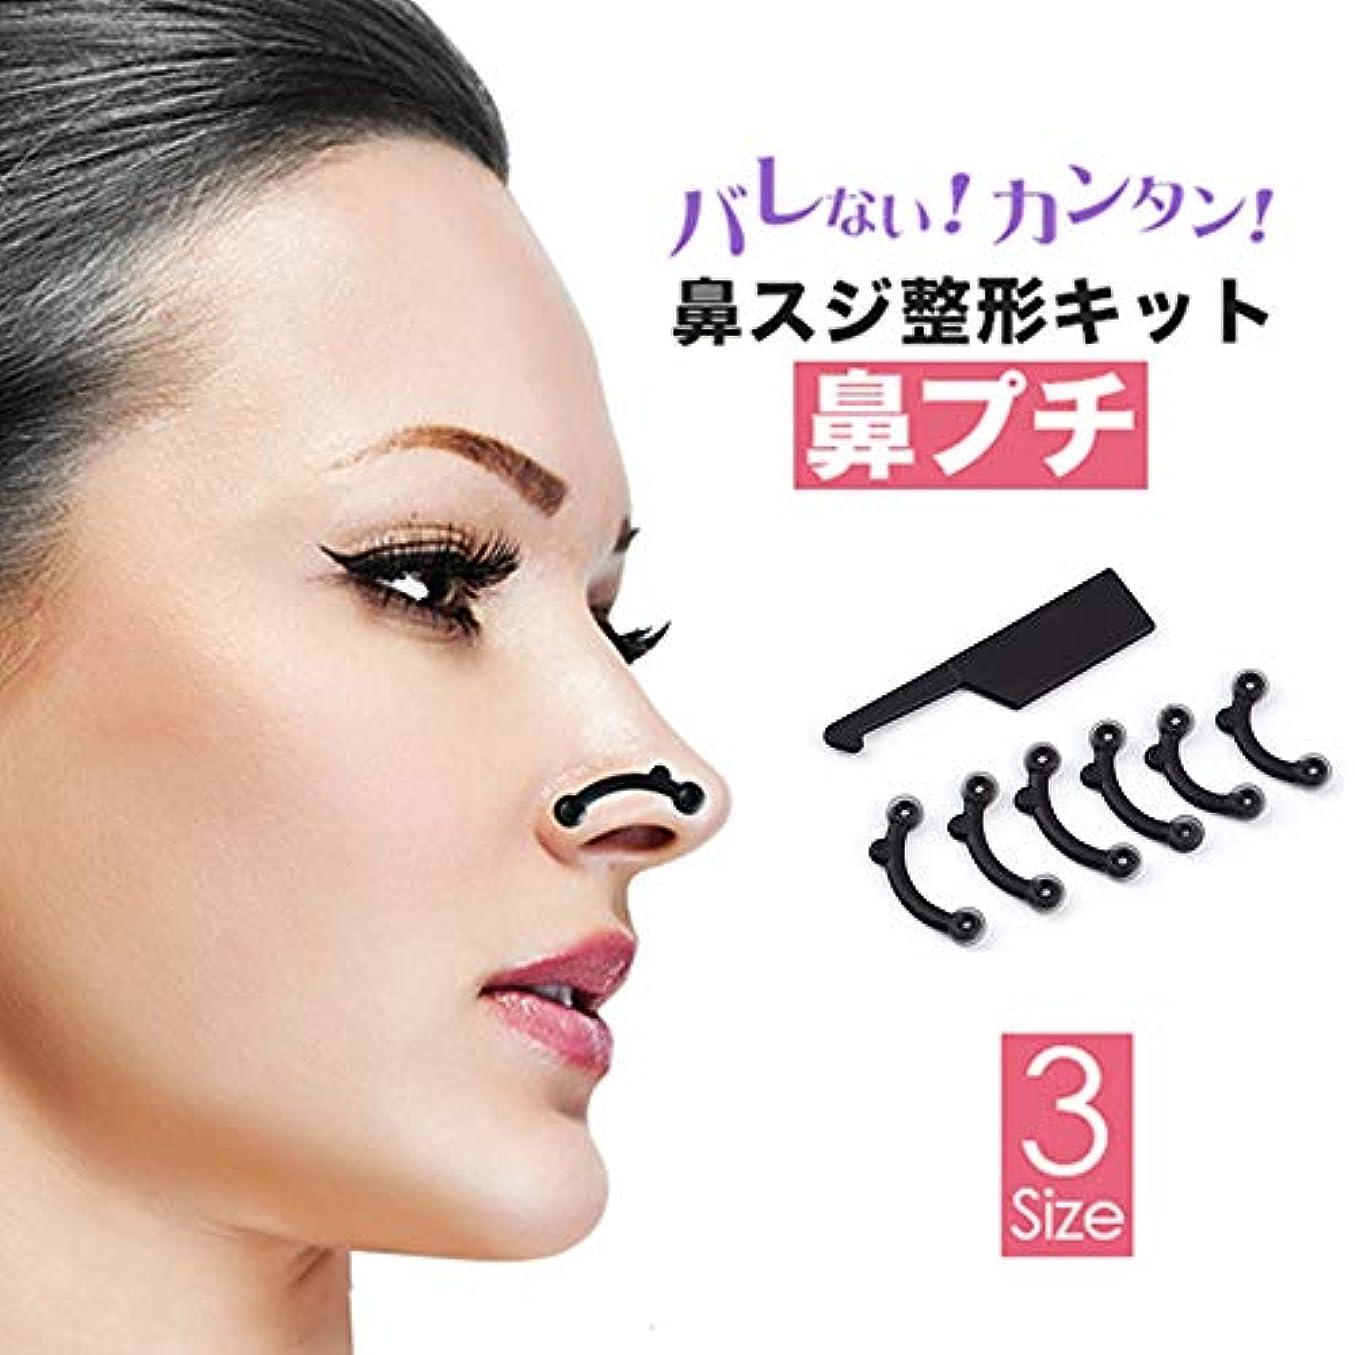 里親調子肺鼻プチ 柔軟性高く ビューティー 矯正プチ 整形せ 24.5mm/25.5mm/27mm 全3サイズセット ブラック